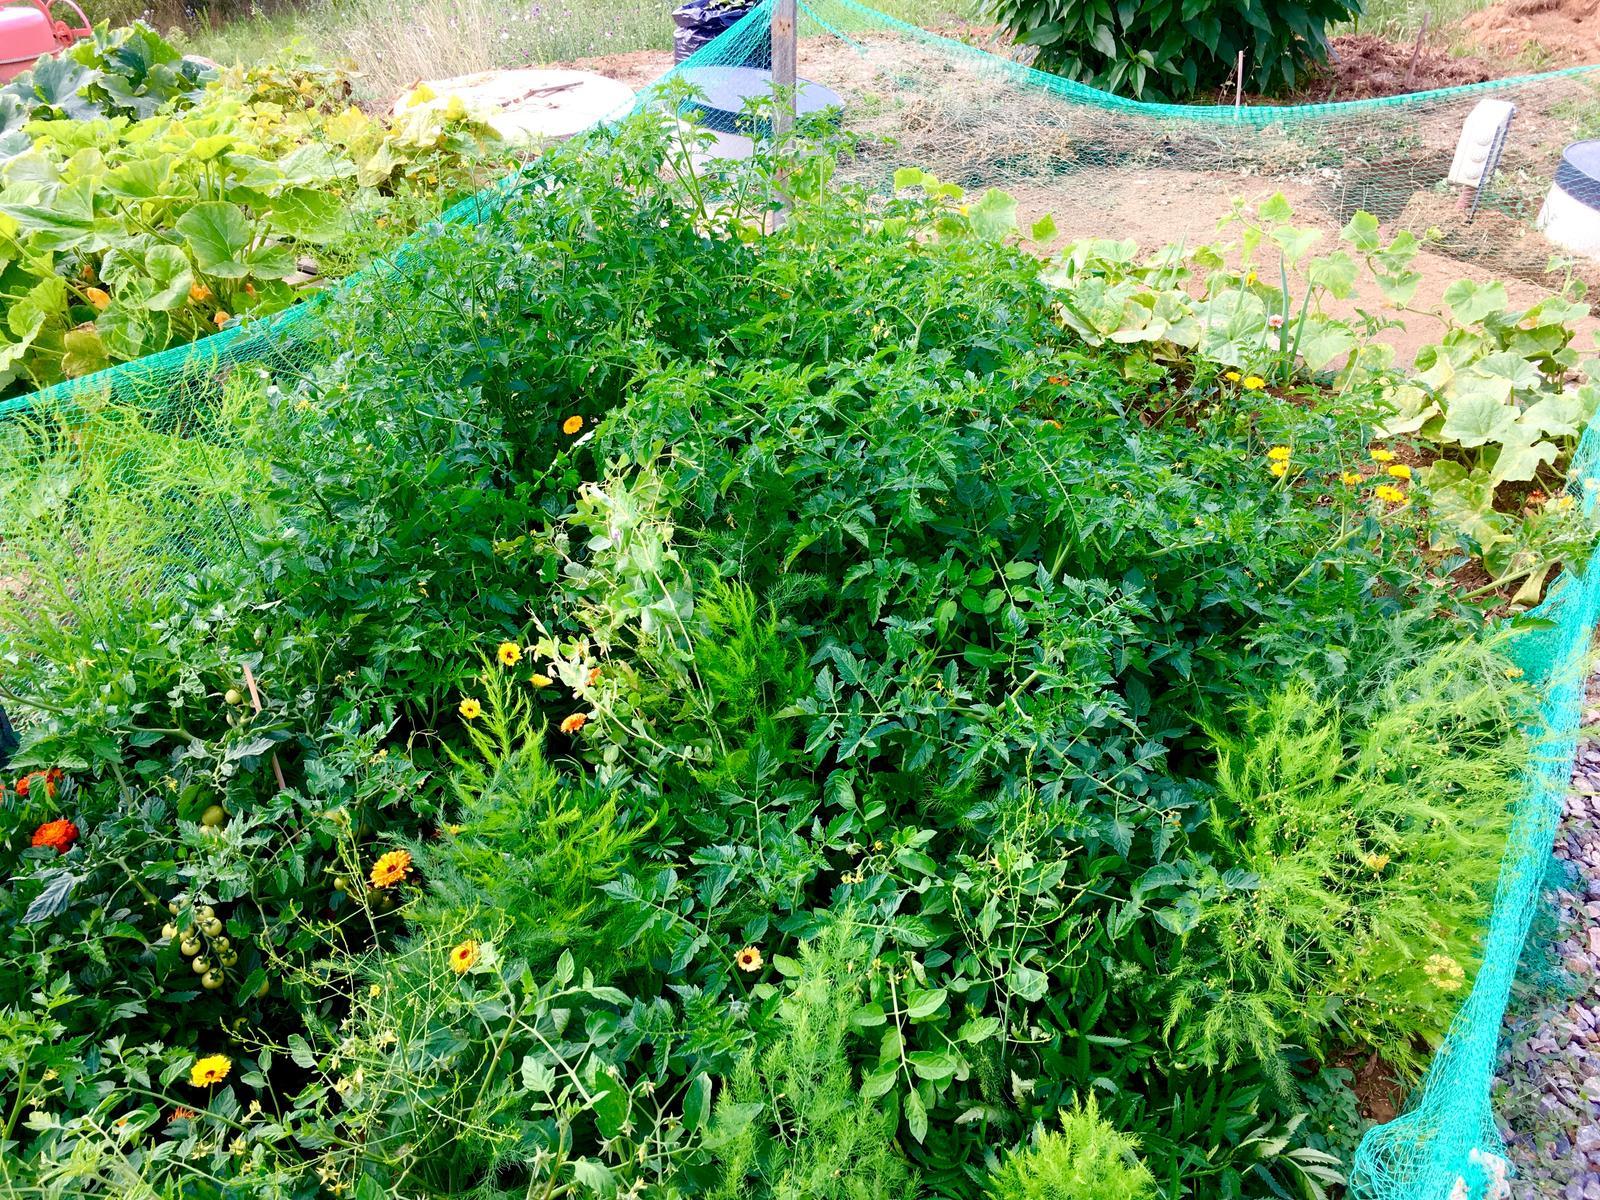 Fáze druhá ... zahrada - Srpen 2019 - z darovaných mladých rostlinek i z koupených semínek vyrostlá divoká rajčata jsou ... prostě divoká, za nimi mírně výš okurky a cibule